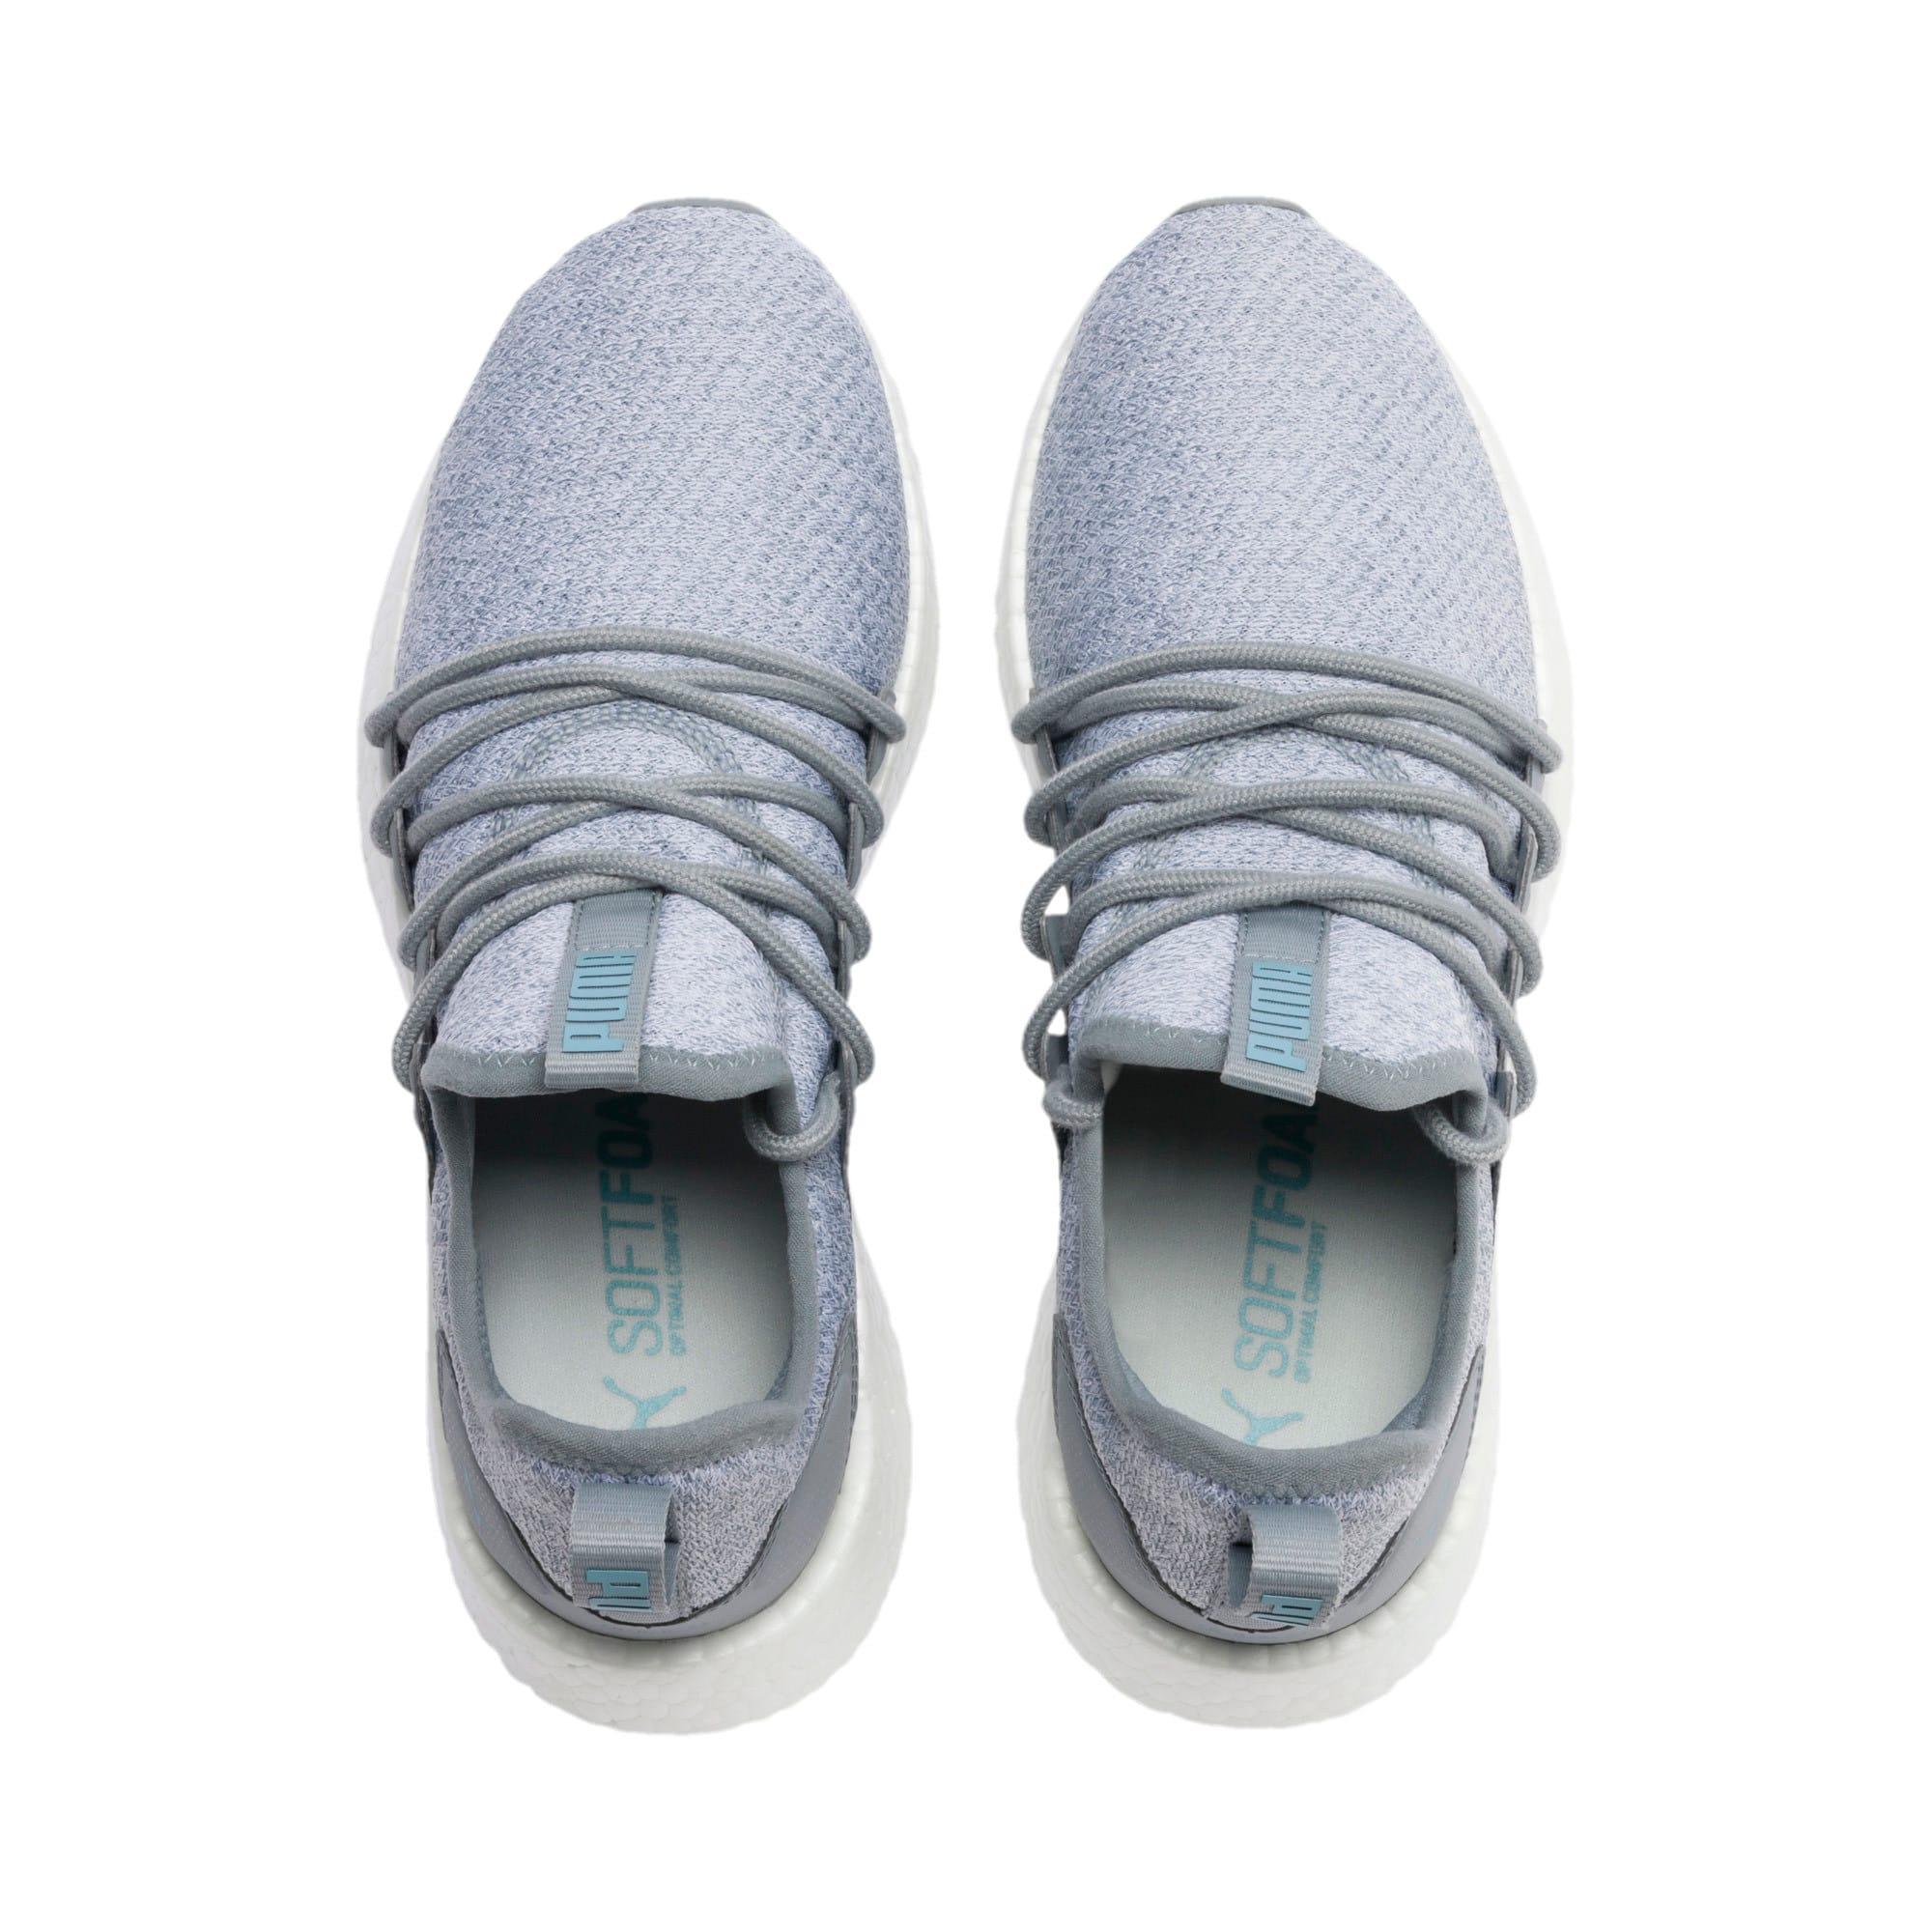 Thumbnail 7 of Chaussure de course NRGY Neko Knit pour femme, Quarry, medium